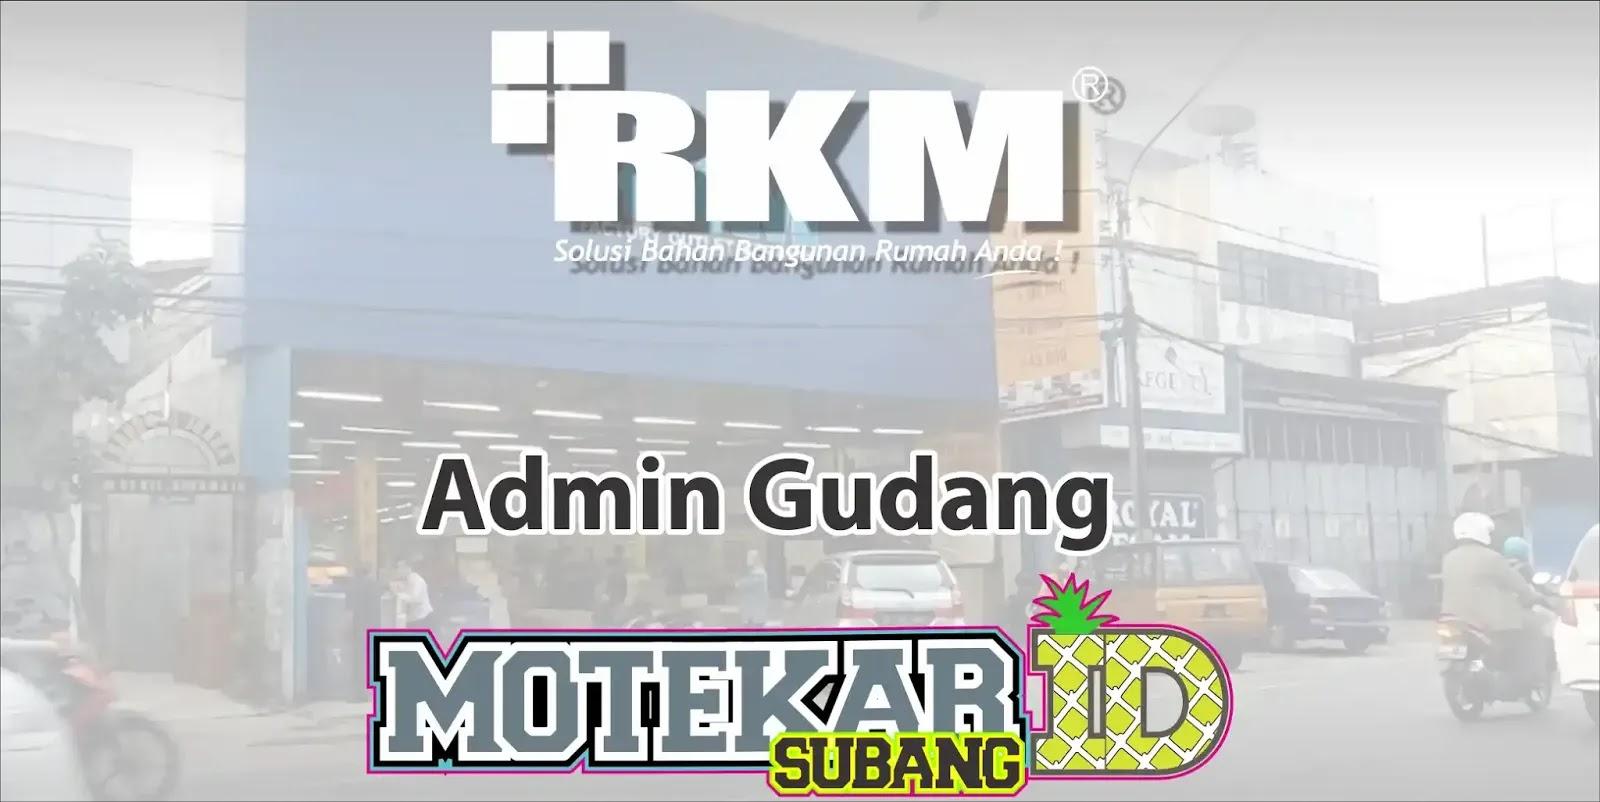 Lowongan Kerja Admin Gudang Rkm Pamanukan Subang 2019 Motekar Subang